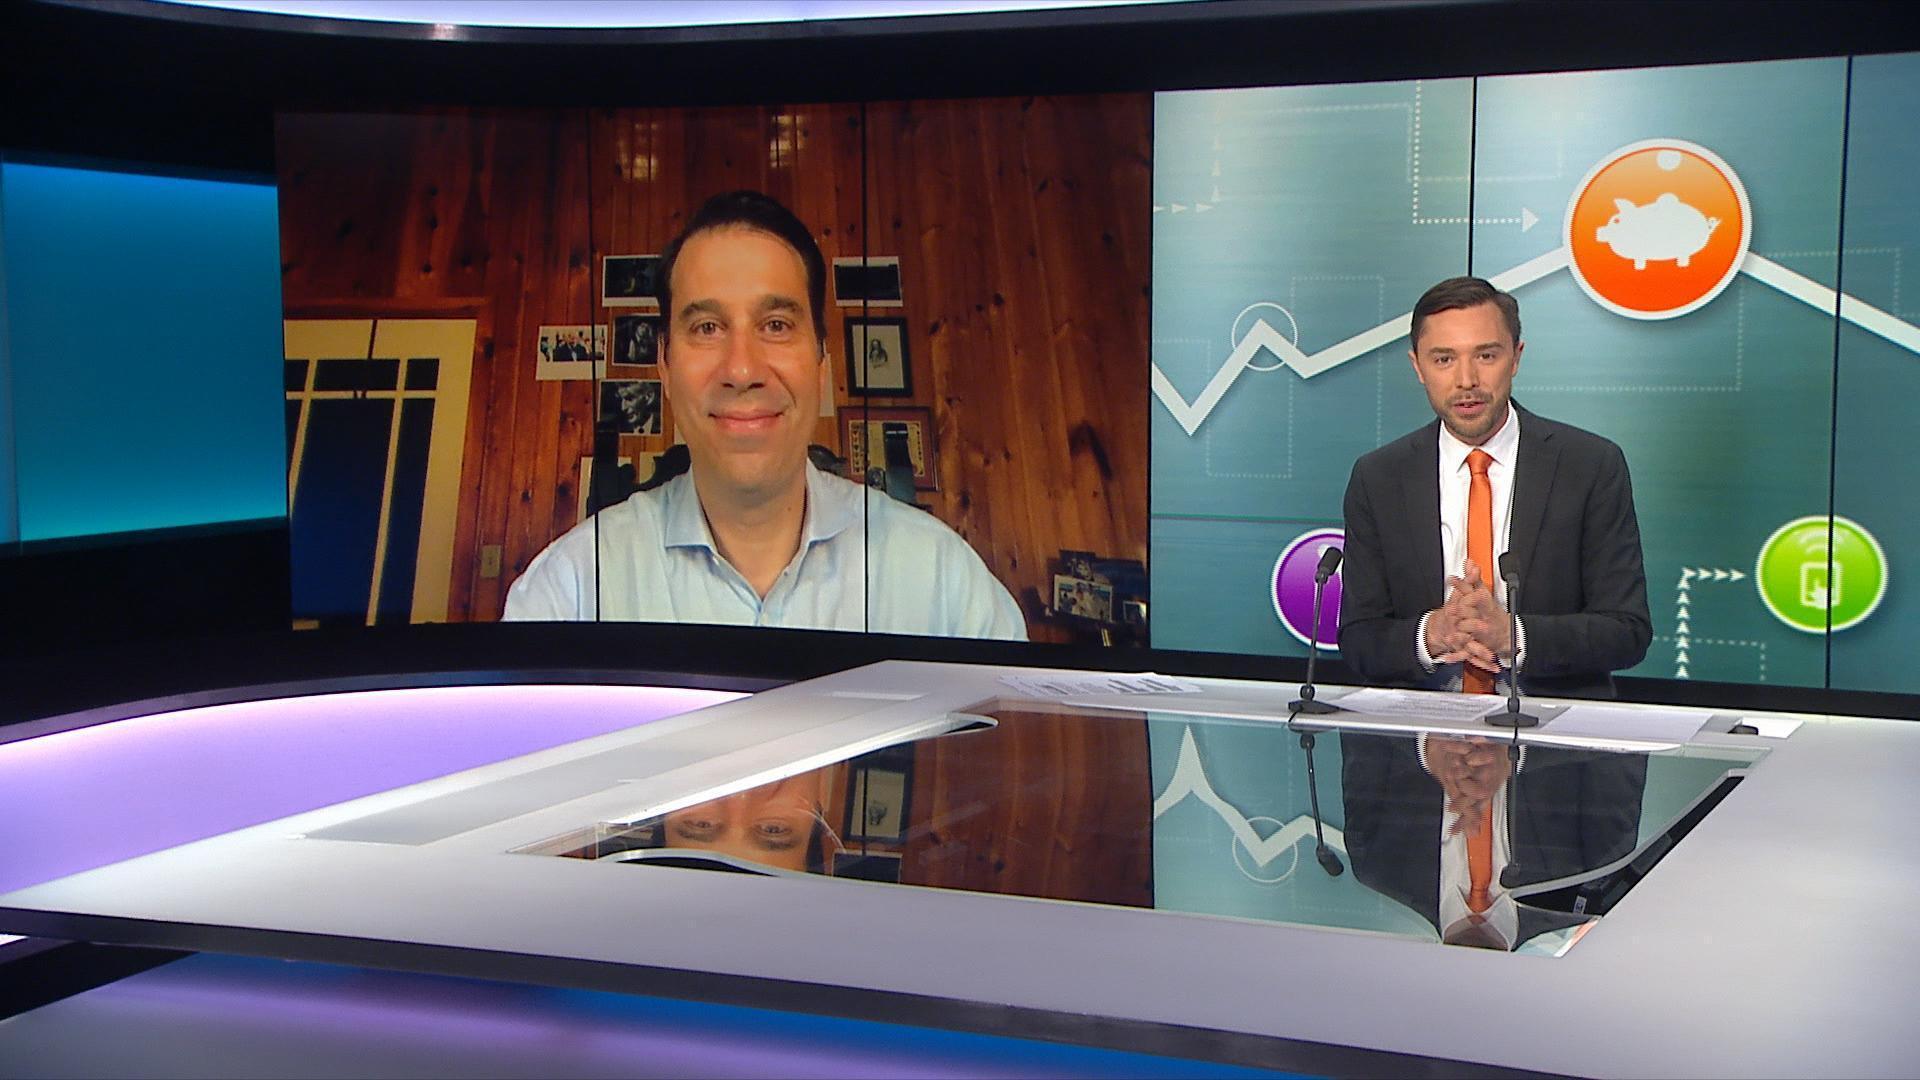 Rob Locascio, CEO of Liveperson Inc.